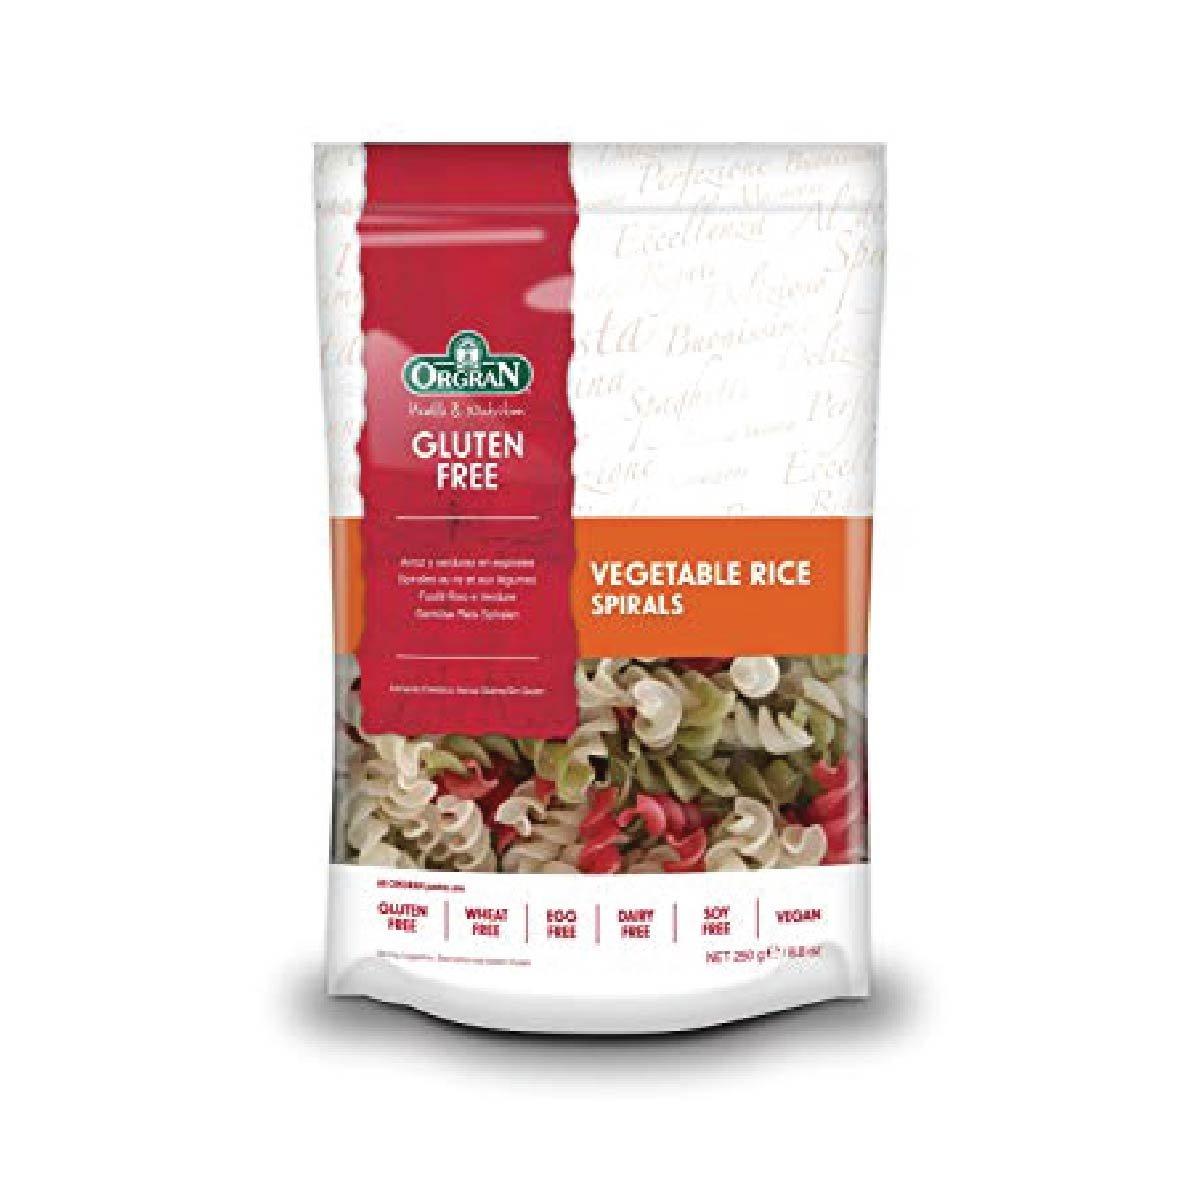 無麩質天然蔬菜糙米螺絲粉(低敏)